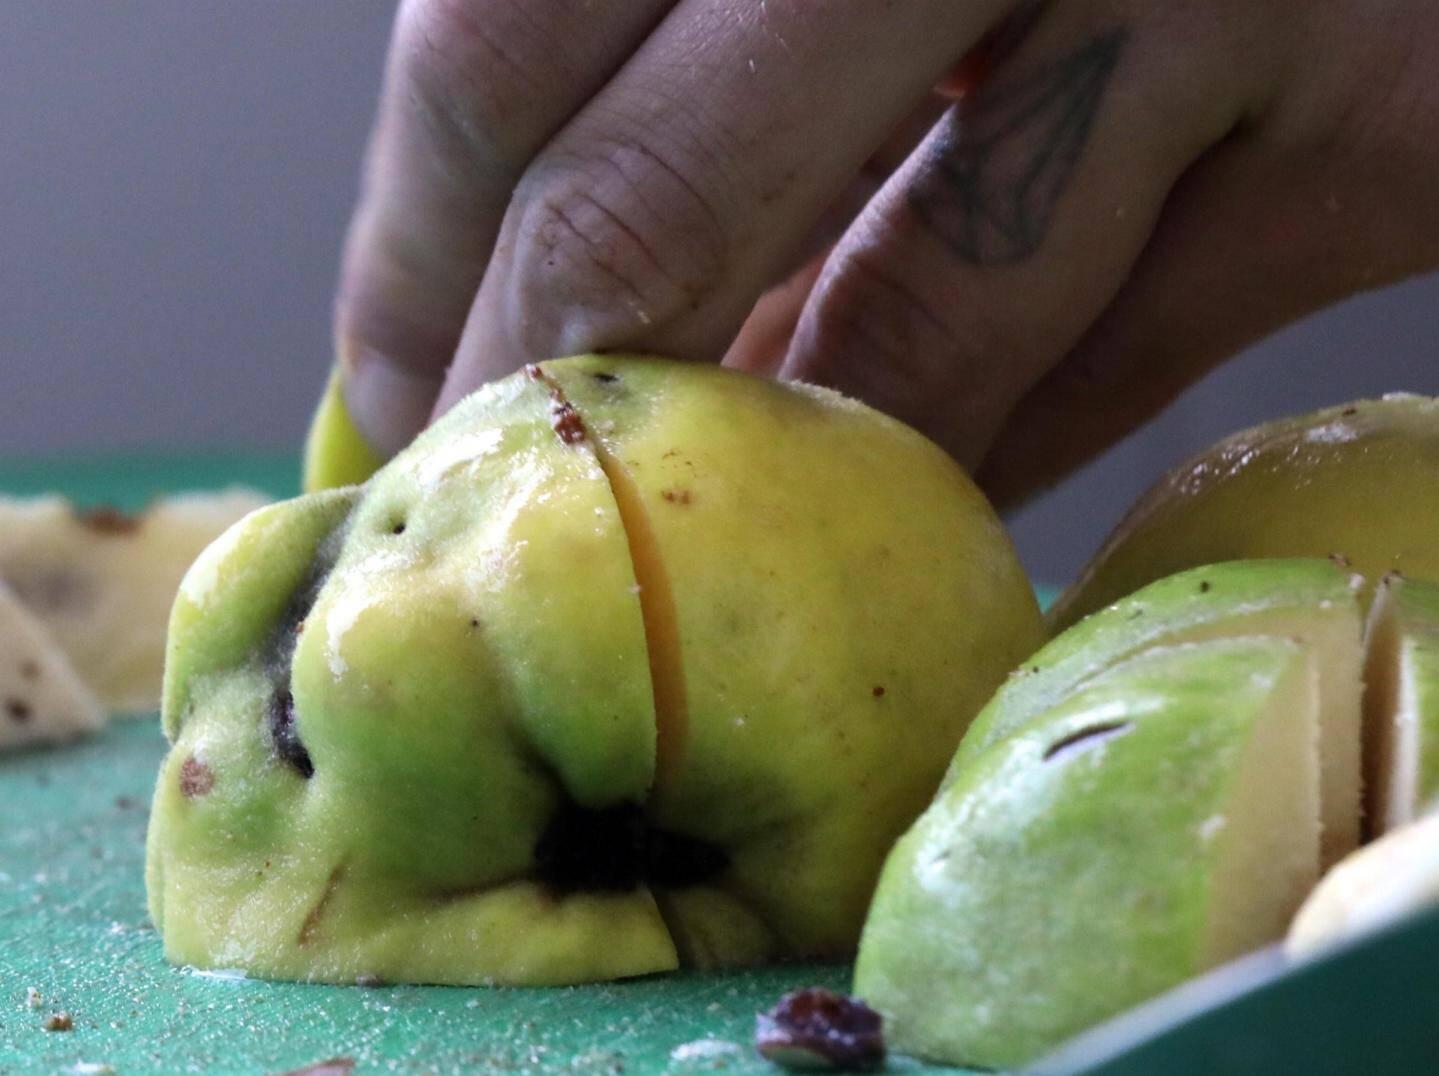 Le célèbre fruit sera à l'honneur sur les étals du marché le 25 octobre prochain.